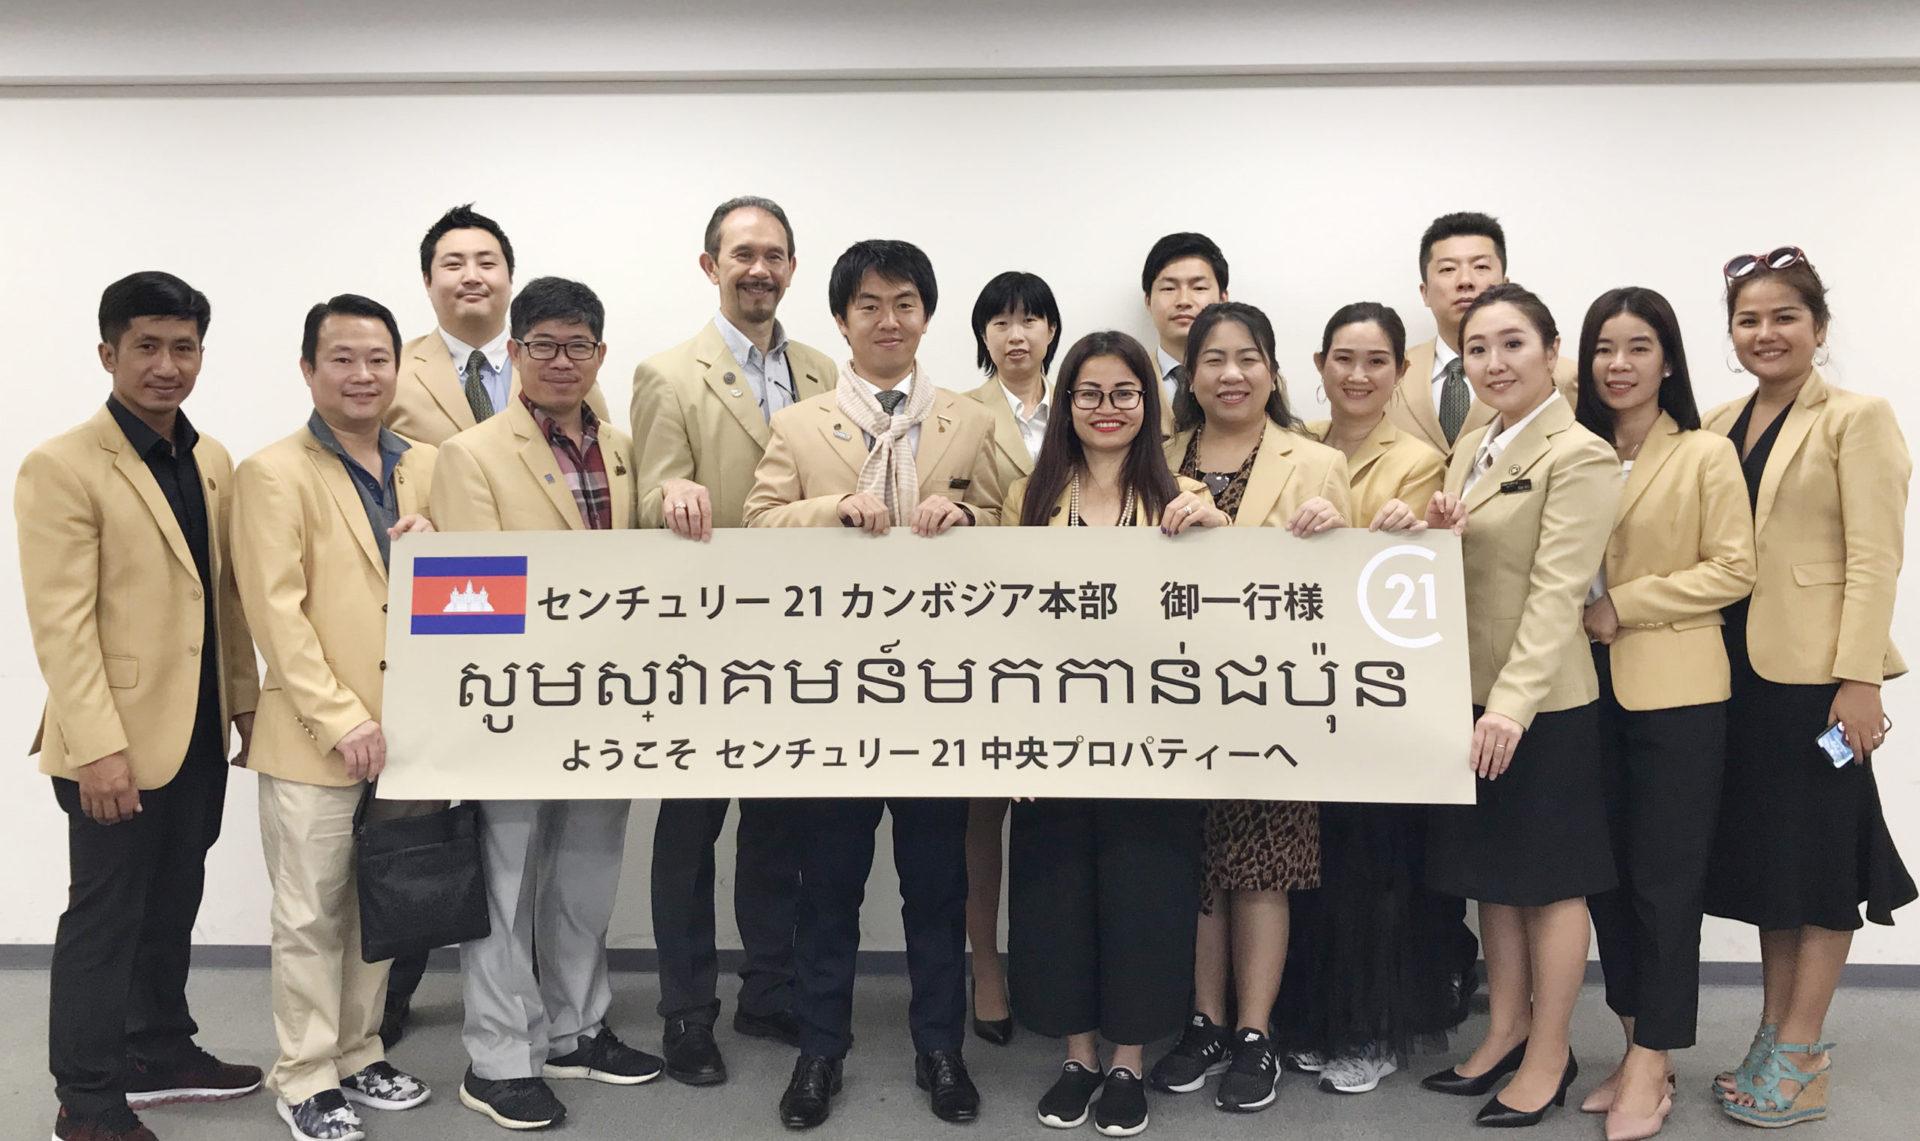 CENTURY21カンボジア本部グレース及び加盟店4社の代表が弊社へ、ご来訪くださいました。 日本とカンボジア・プノンペンを取り巻く不動産市況について意見を交わしました。